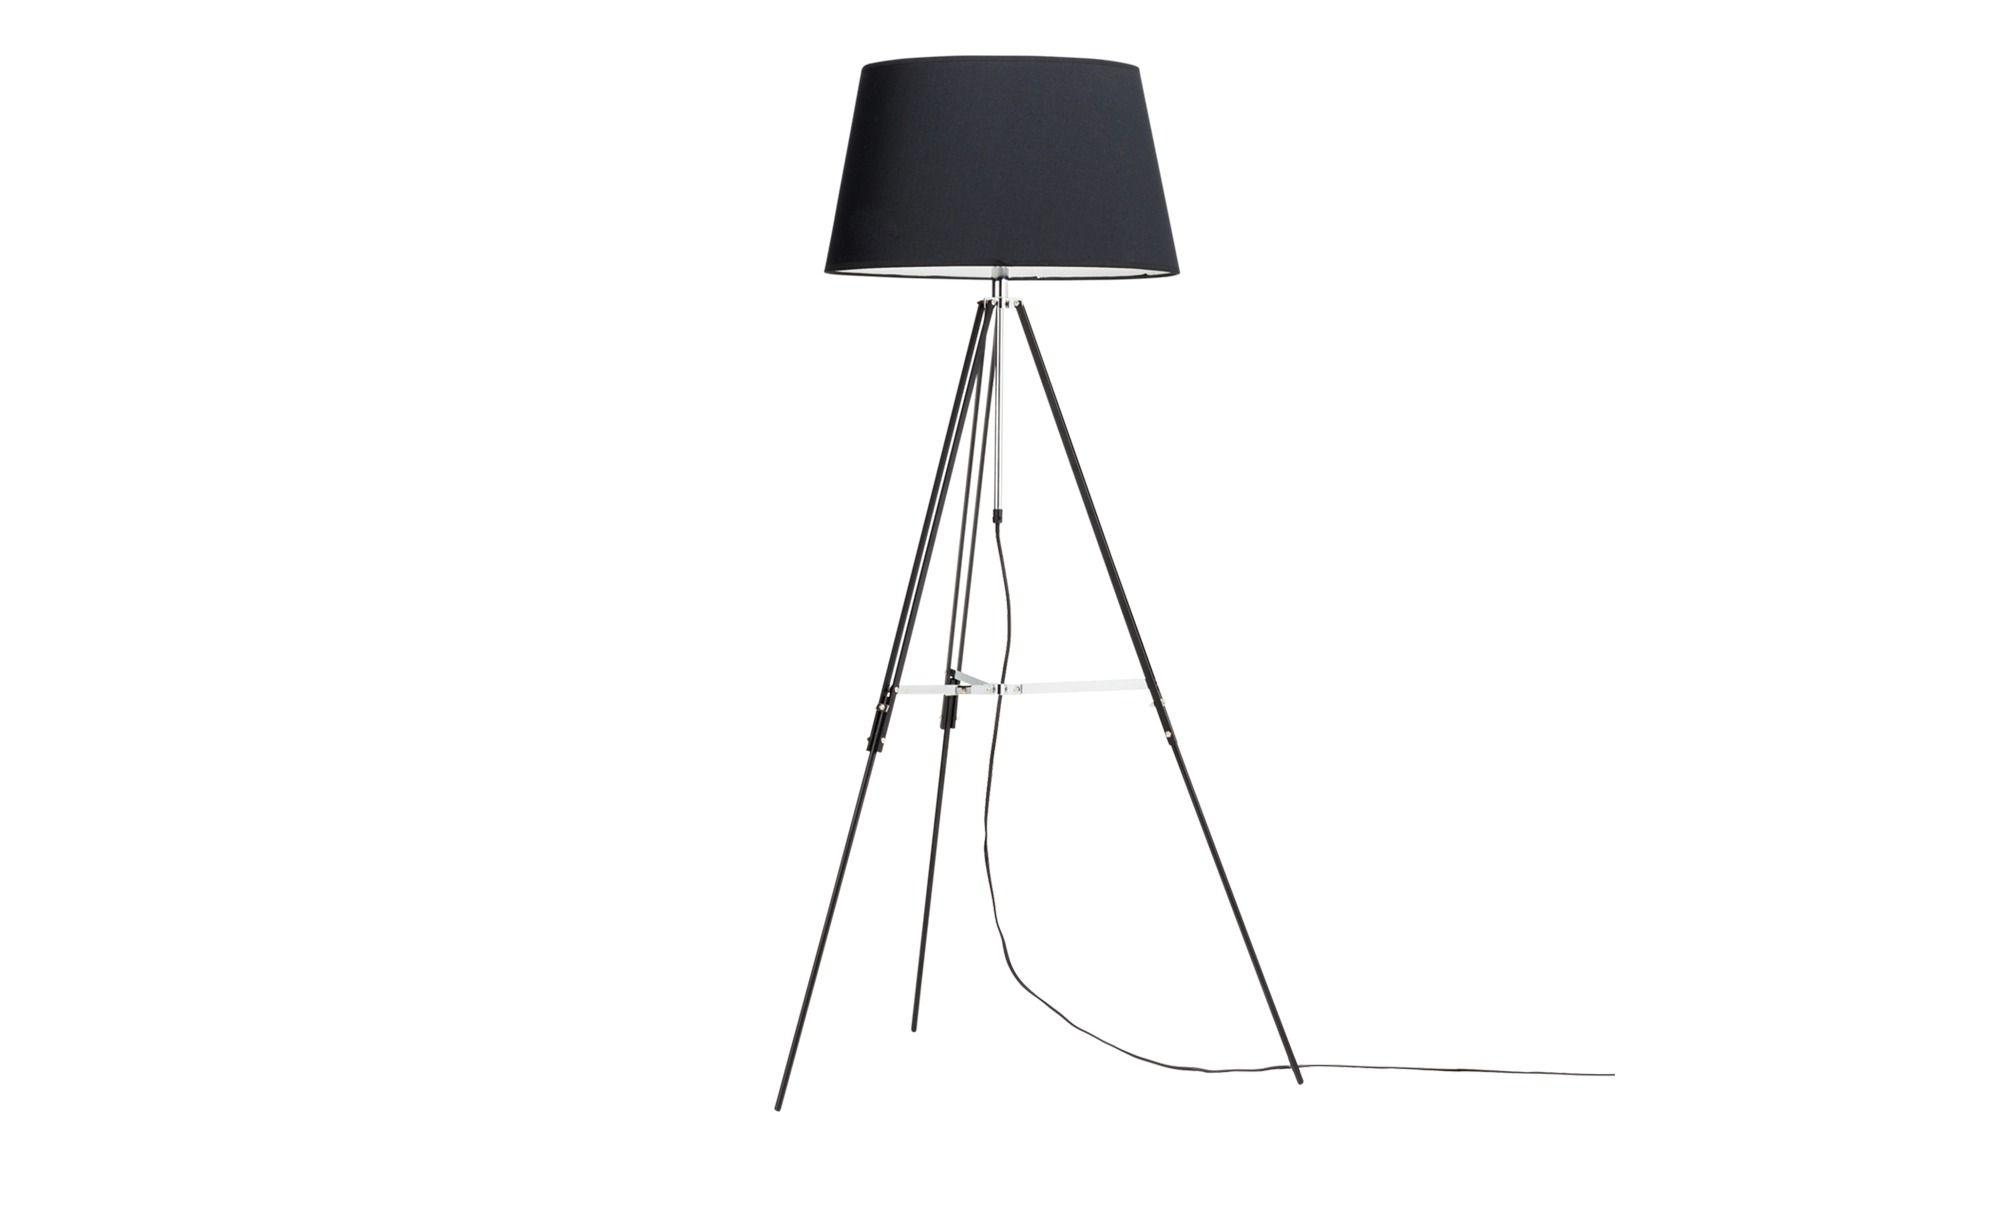 Schön Stehlampe Industrial Foto Von Khg Schwarze Design-stehlampe Breite: Höhe: 148 Cm